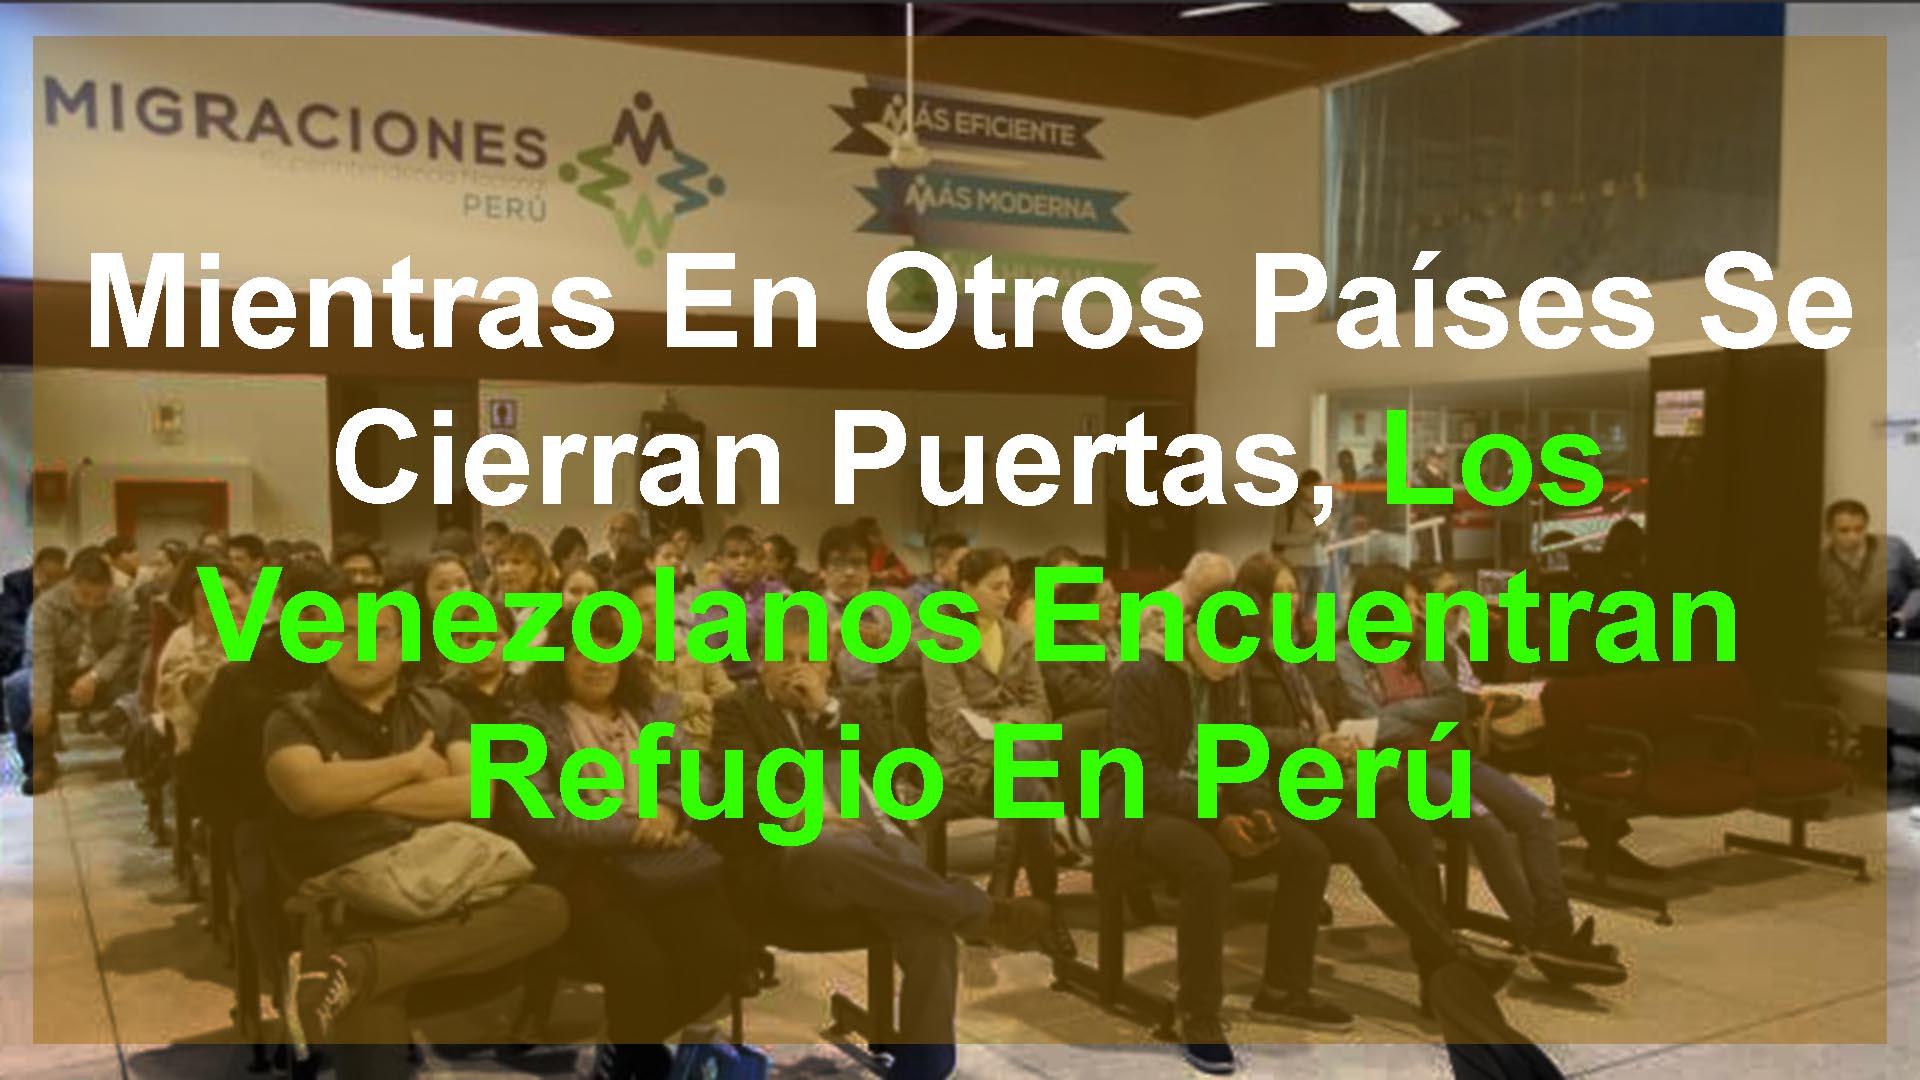 Mientras En Otros Países Se Cierran Puertas, Los Venezolanos Encuentran Refugio En Perú 4